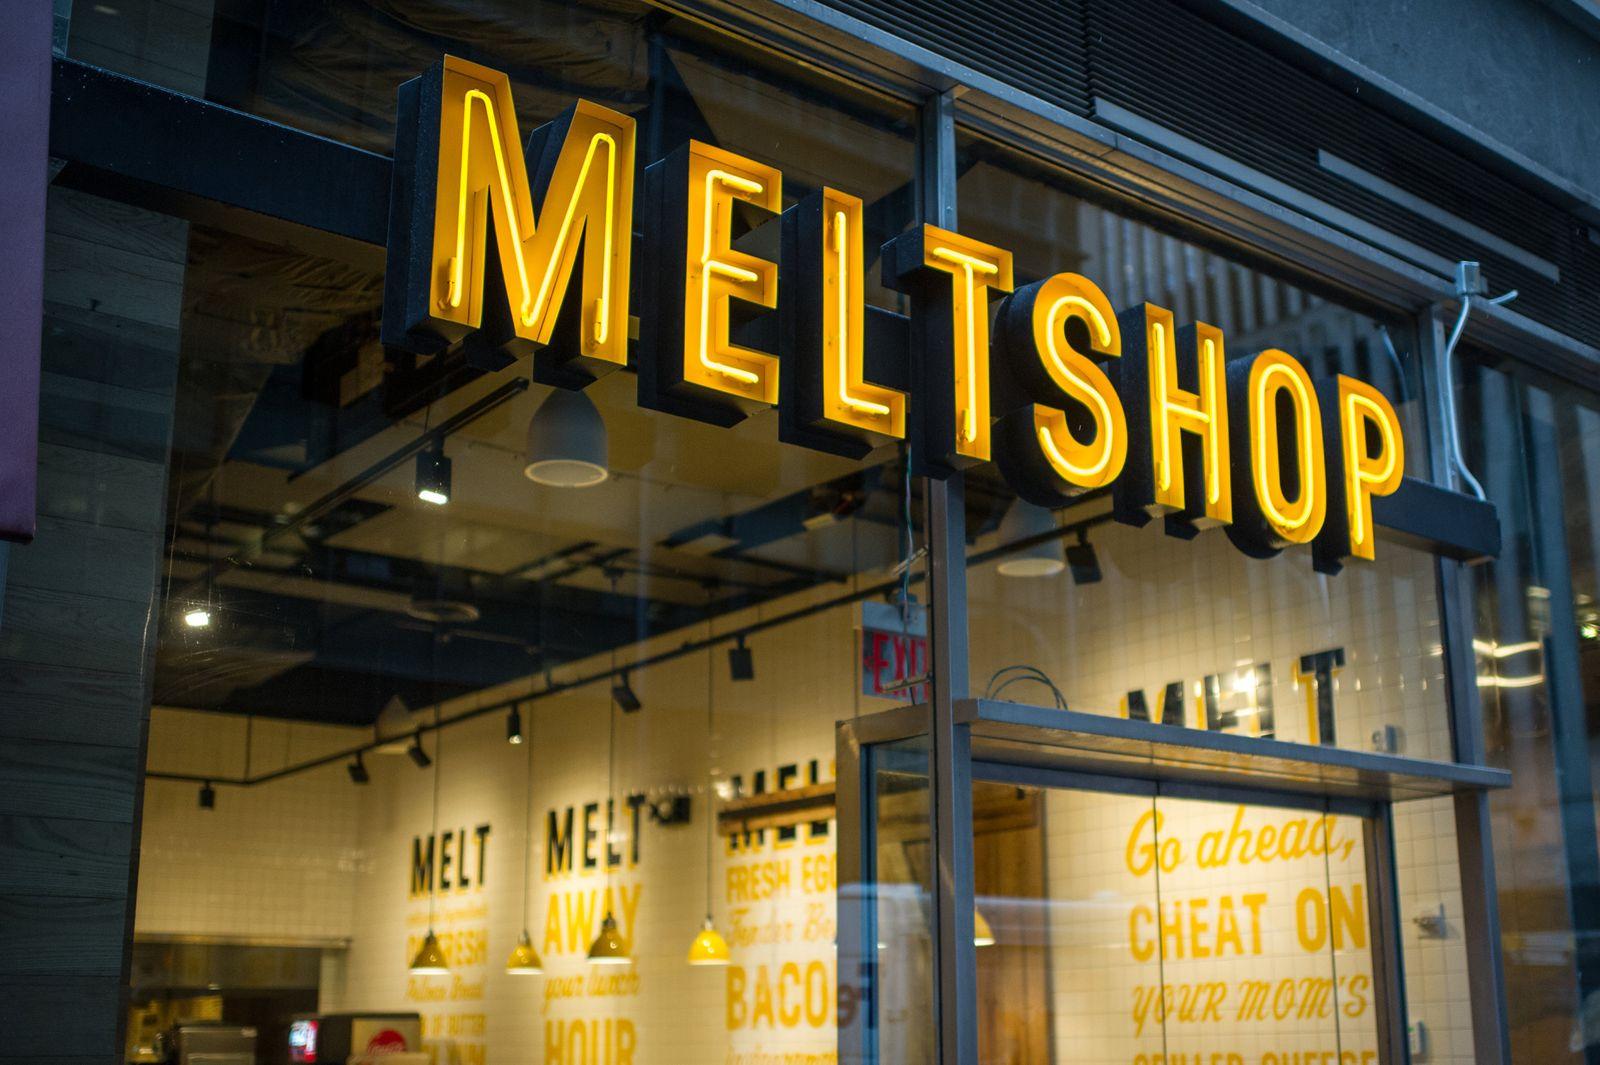 Melt Shop Signs First Development Deal to Open 18 Restaurants